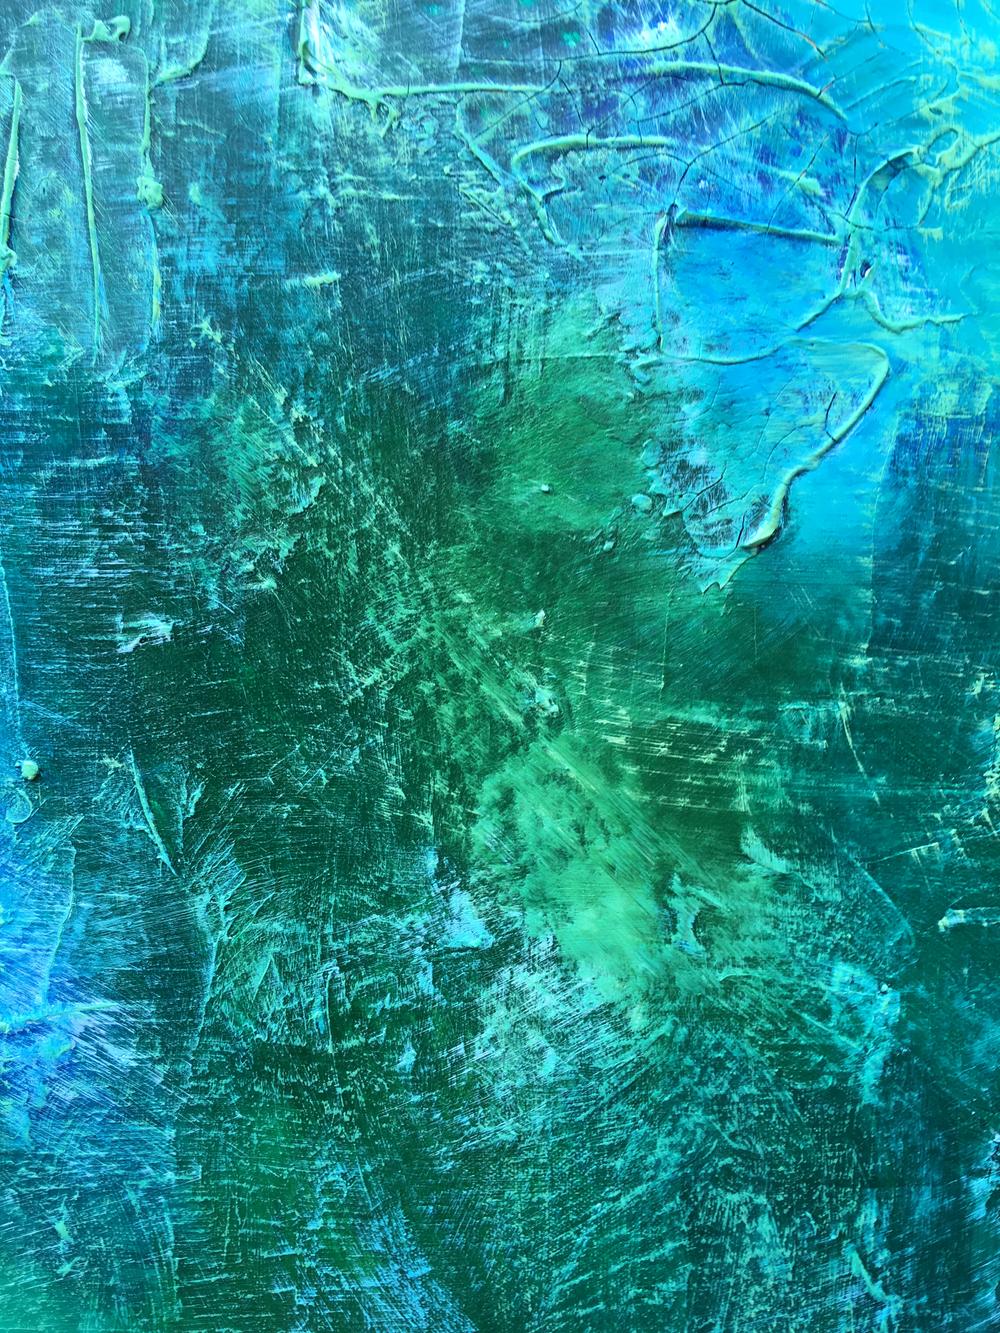 Velvet Undergrowth 2 - Detail SamuelDeaconArt